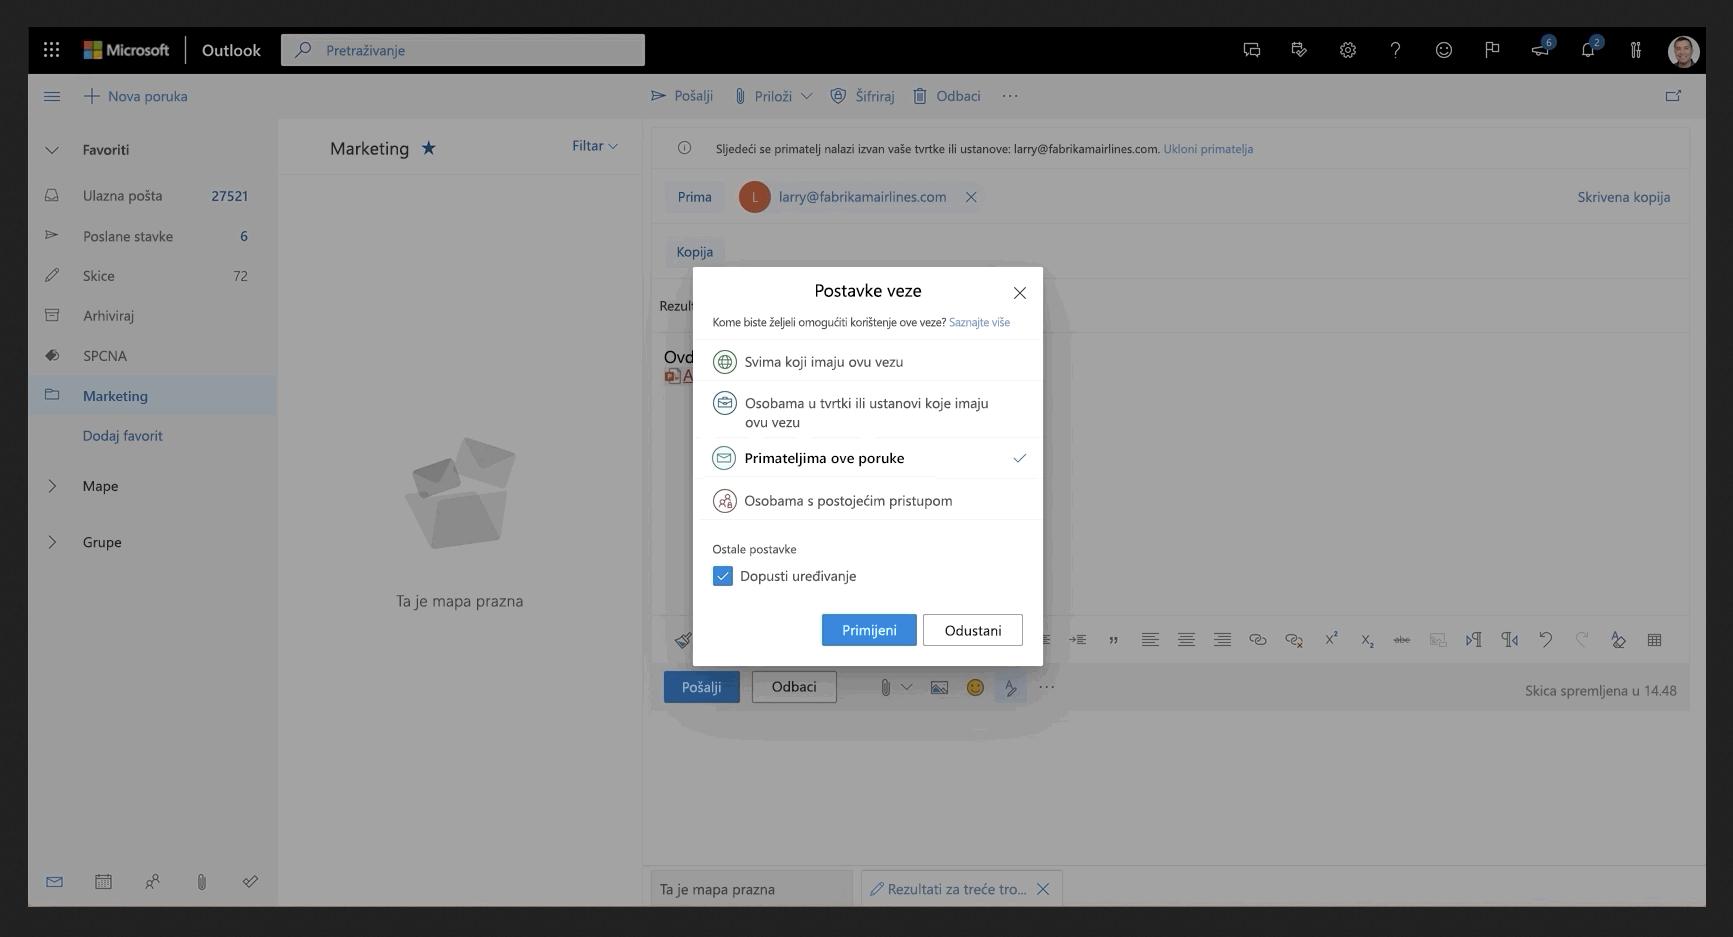 Slika datoteke koja se zajednički koristi u programu Outlook.